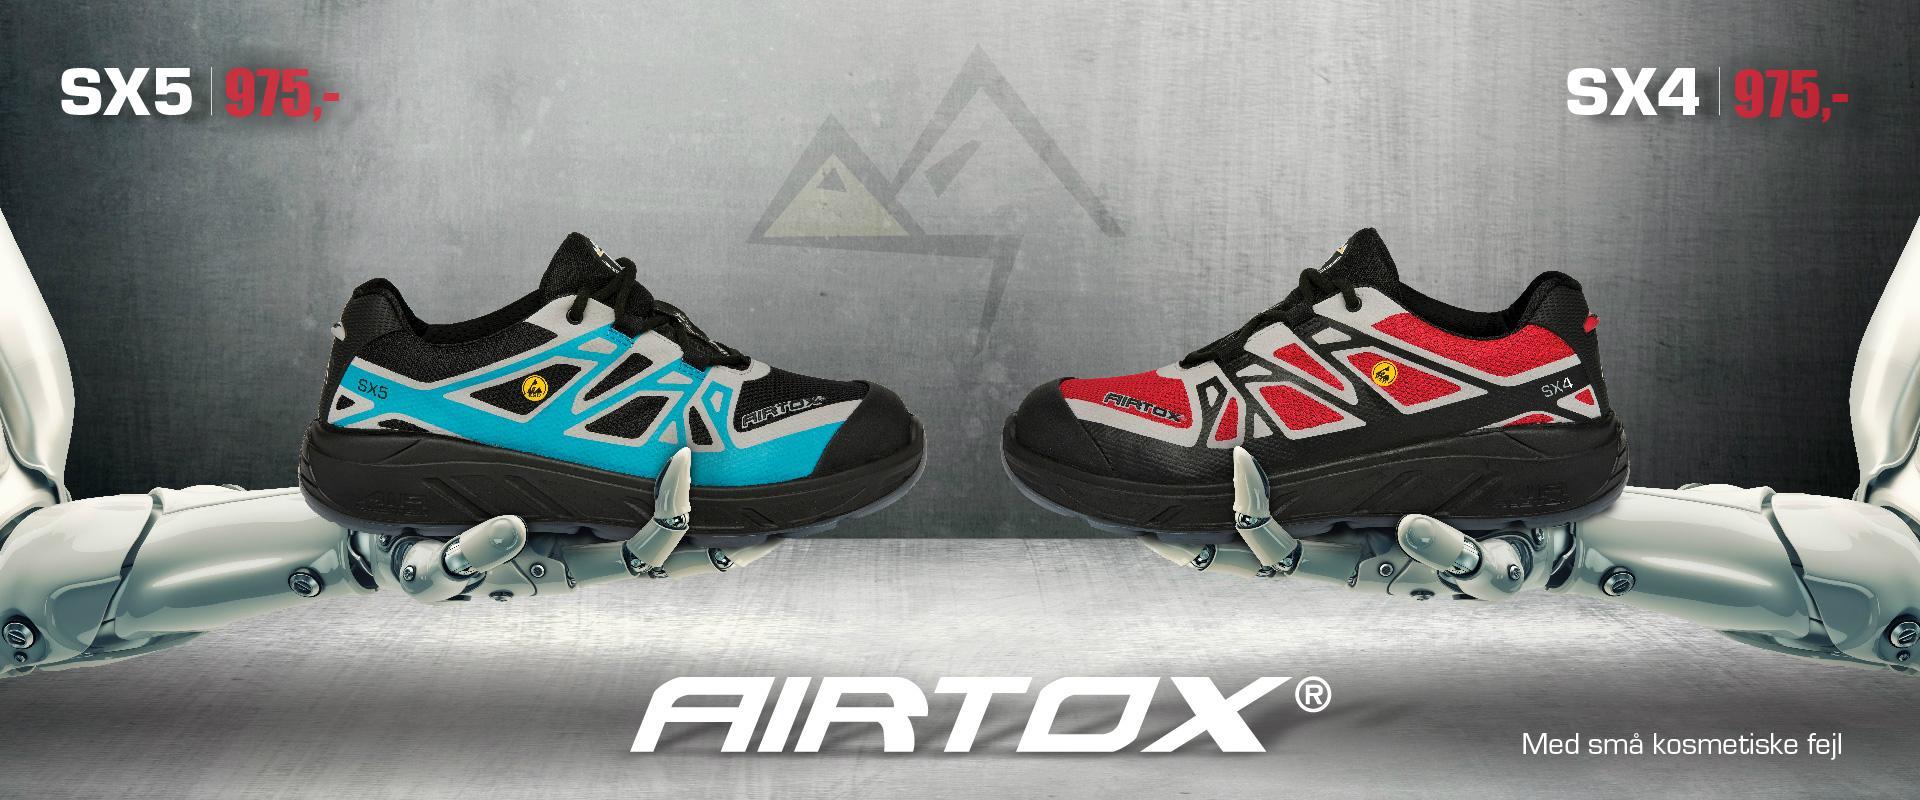 AIRTOX SX4 & SX5